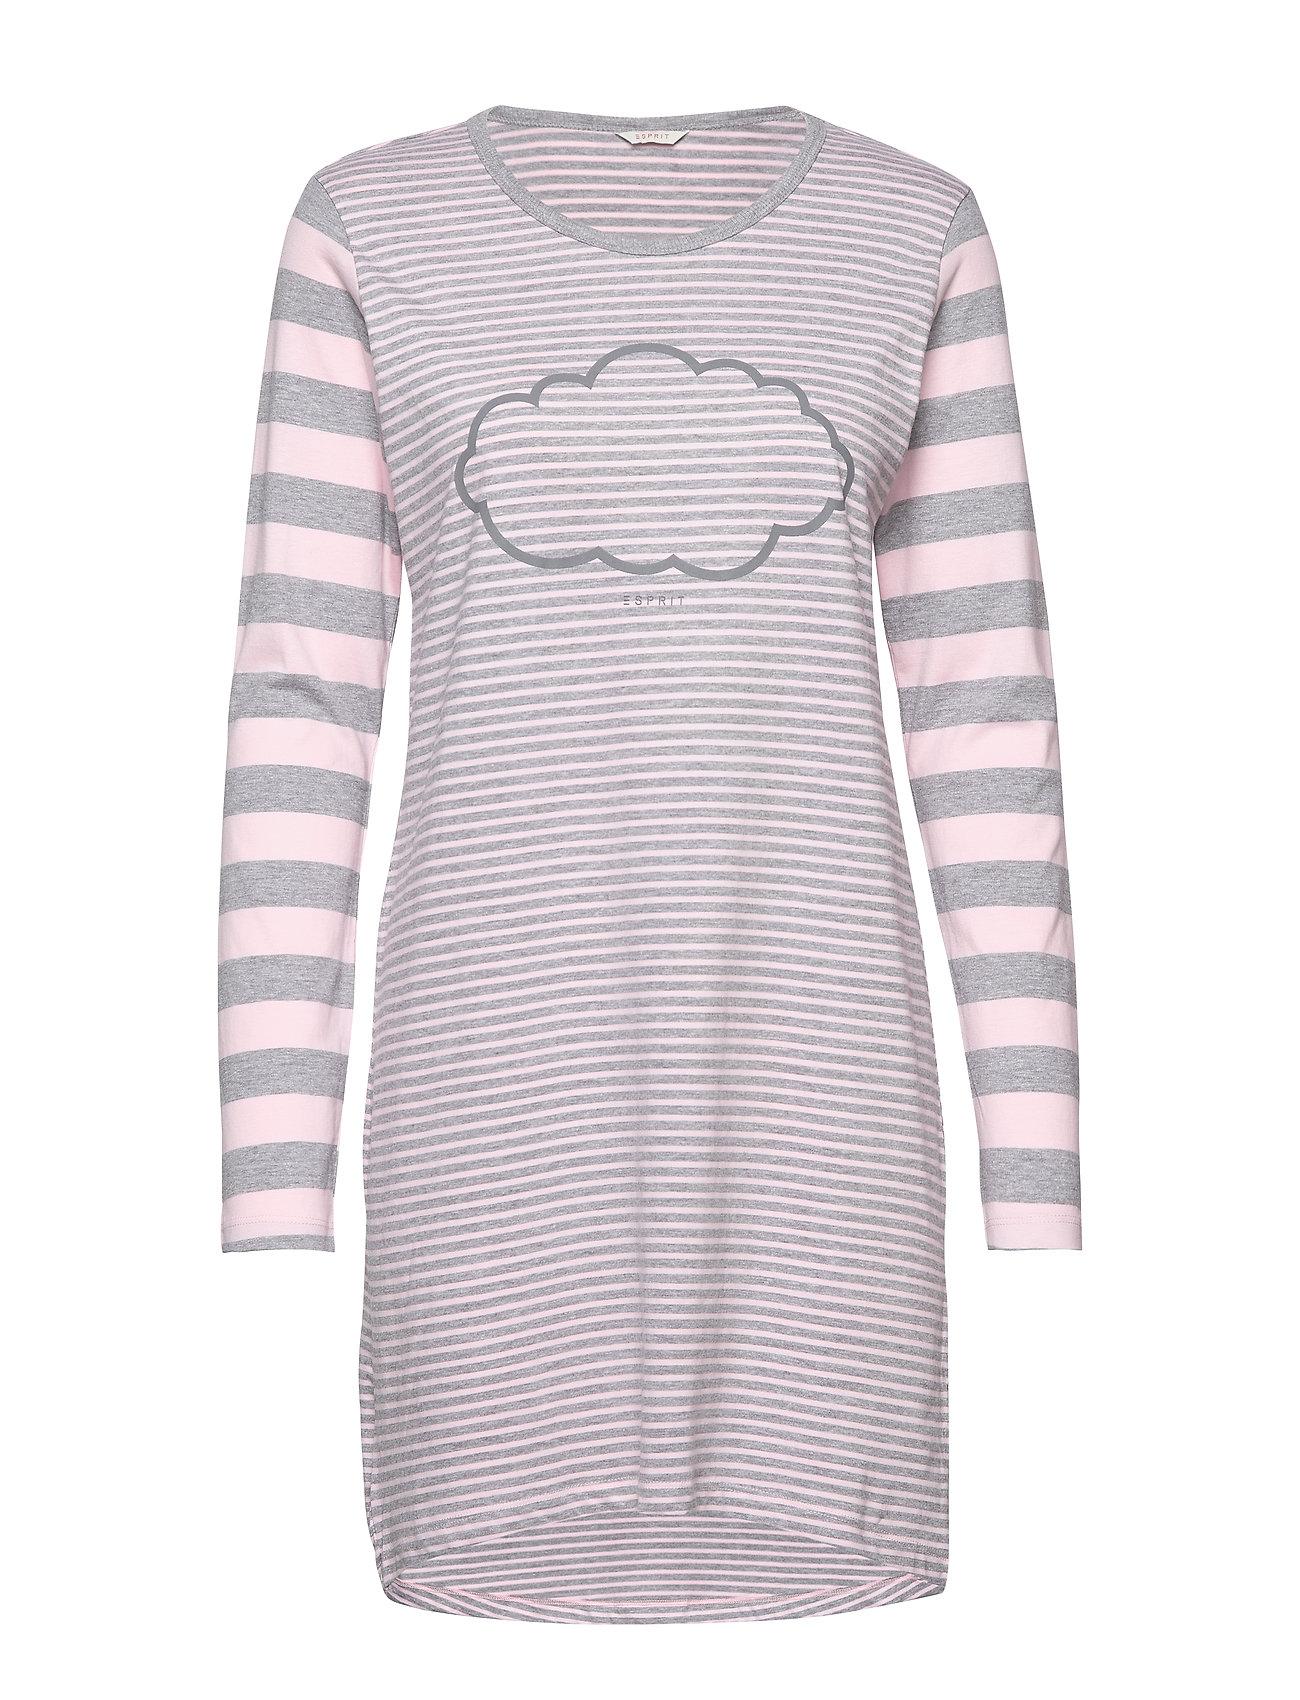 Esprit Bodywear Women Nightshirts - PASTEL PINK